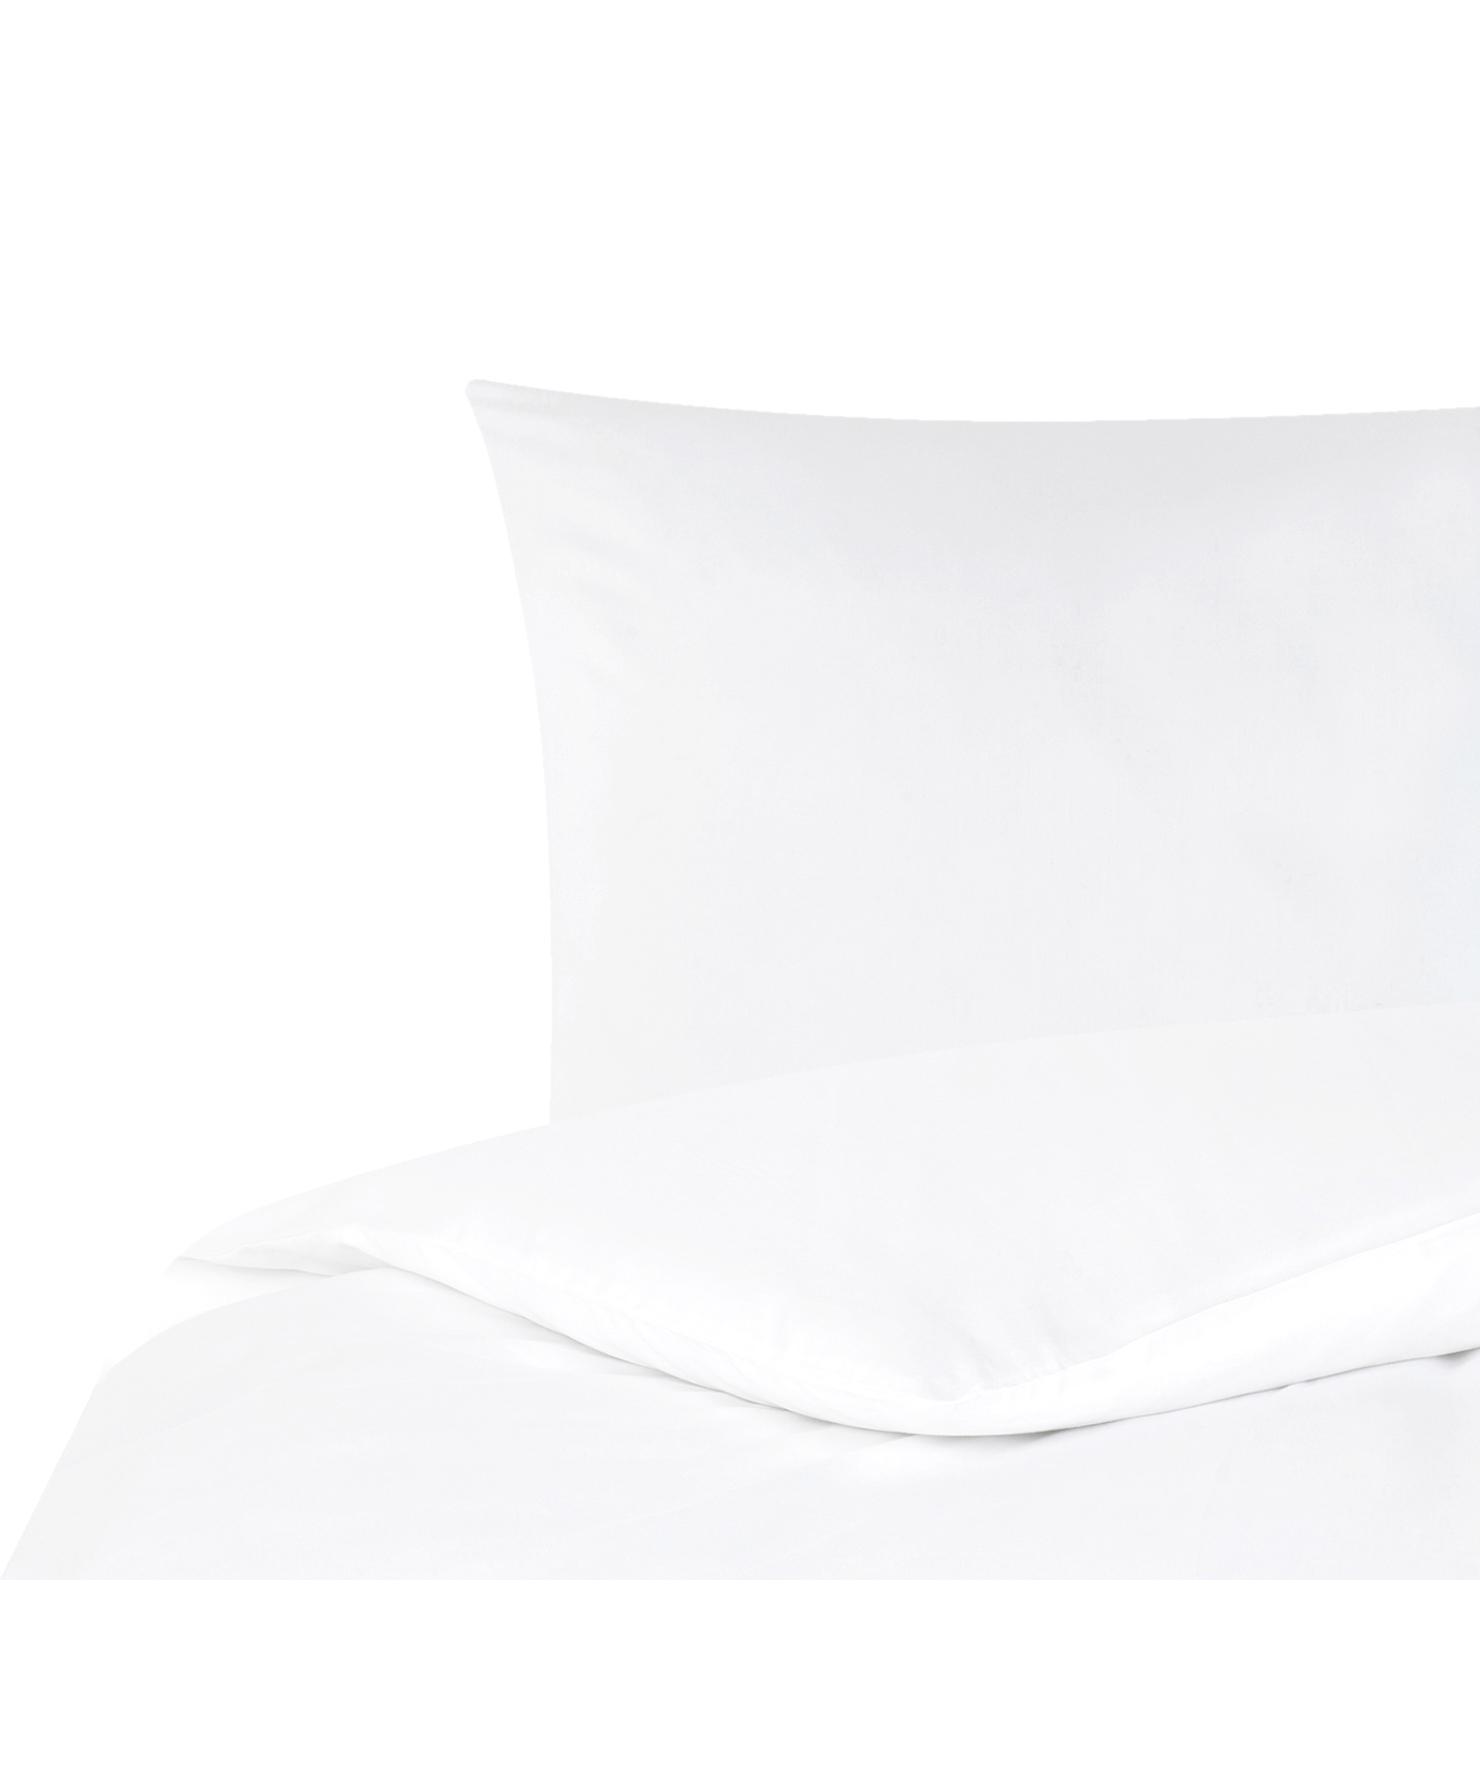 Pościel z satyny bawełnianej Comfort, Biały, 135 x 200 cm